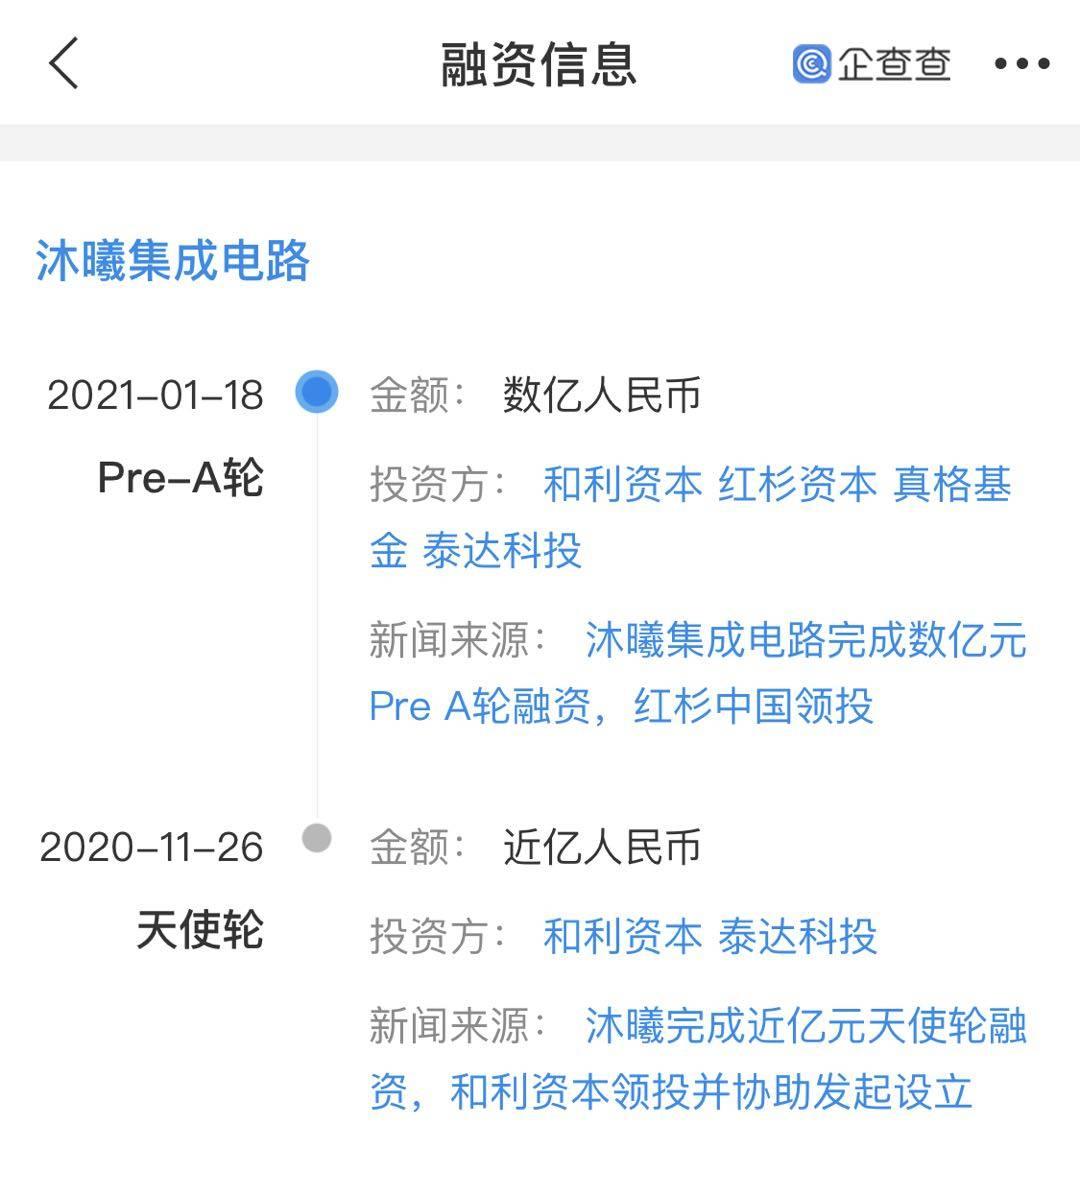 沐曦集成电路完成数亿元Pre A轮融资,红杉中国领投: